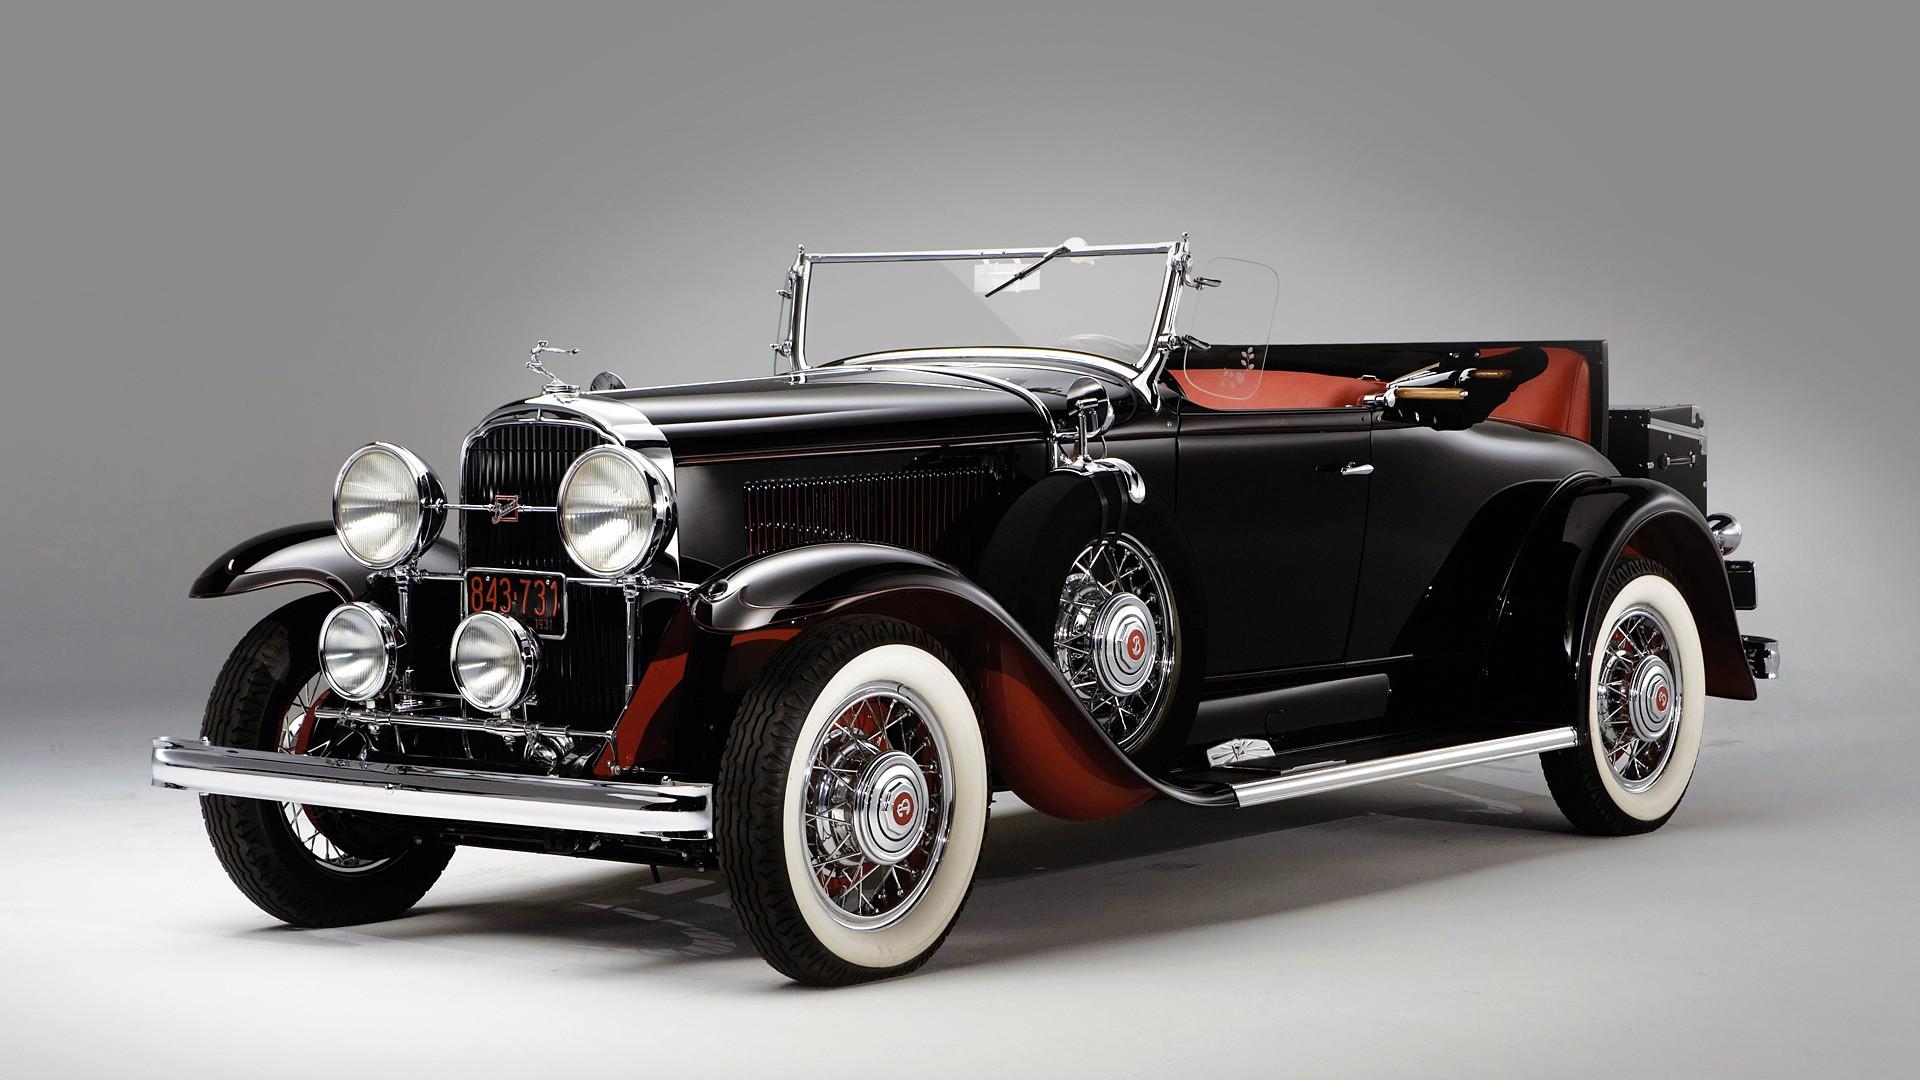 صورة سيارات قديمة , كلاسيكية السيارات في الزمن الماضي